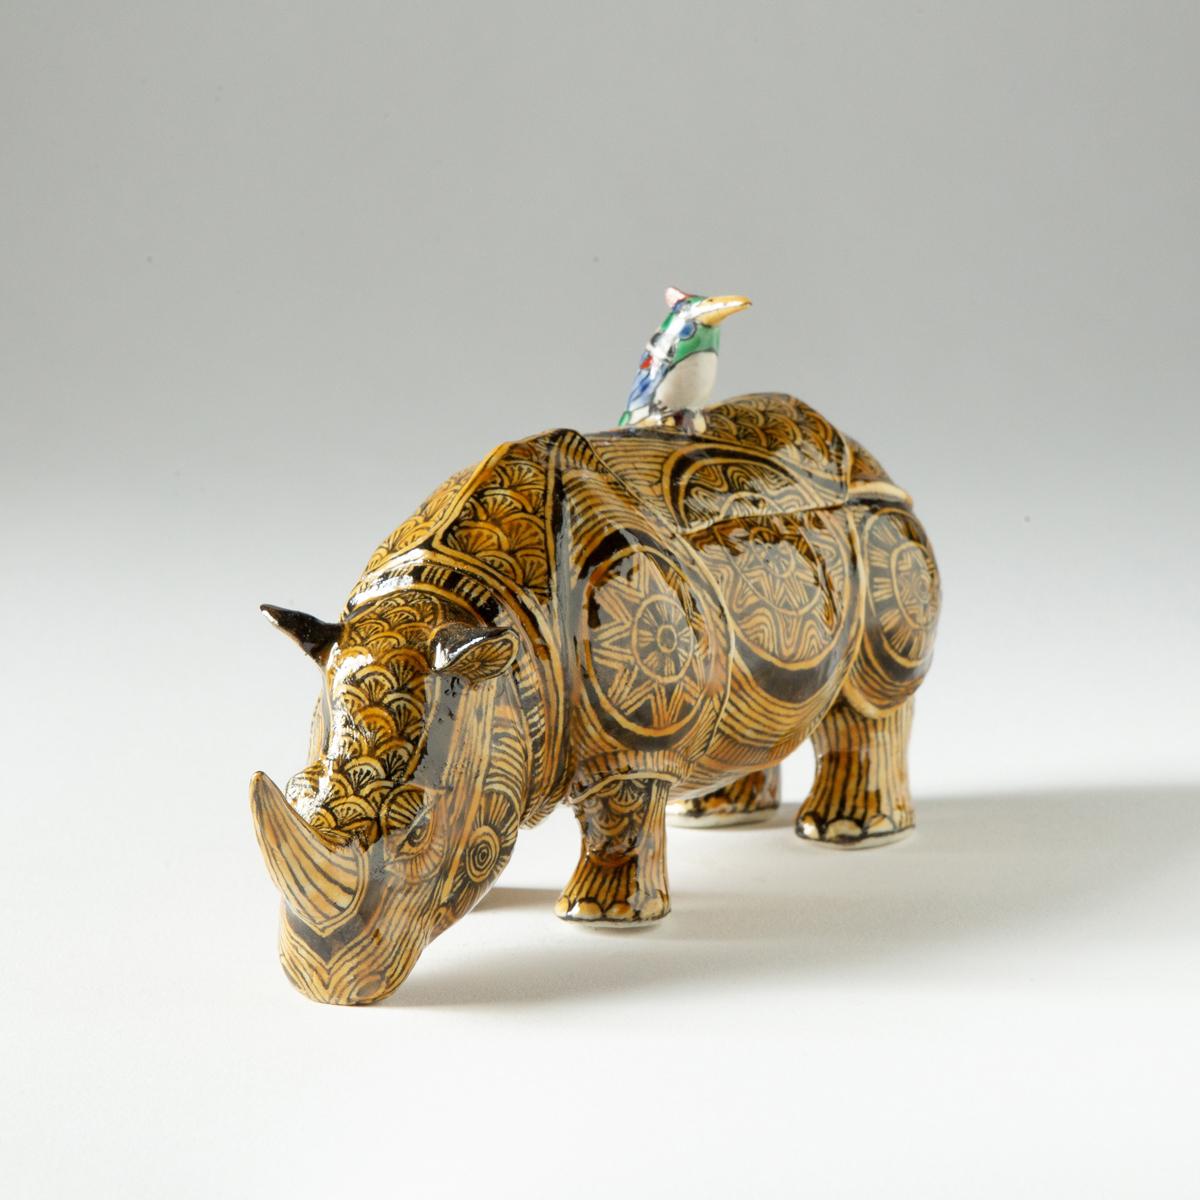 Yellow Rhino (Kensuke Fujiyoshi)